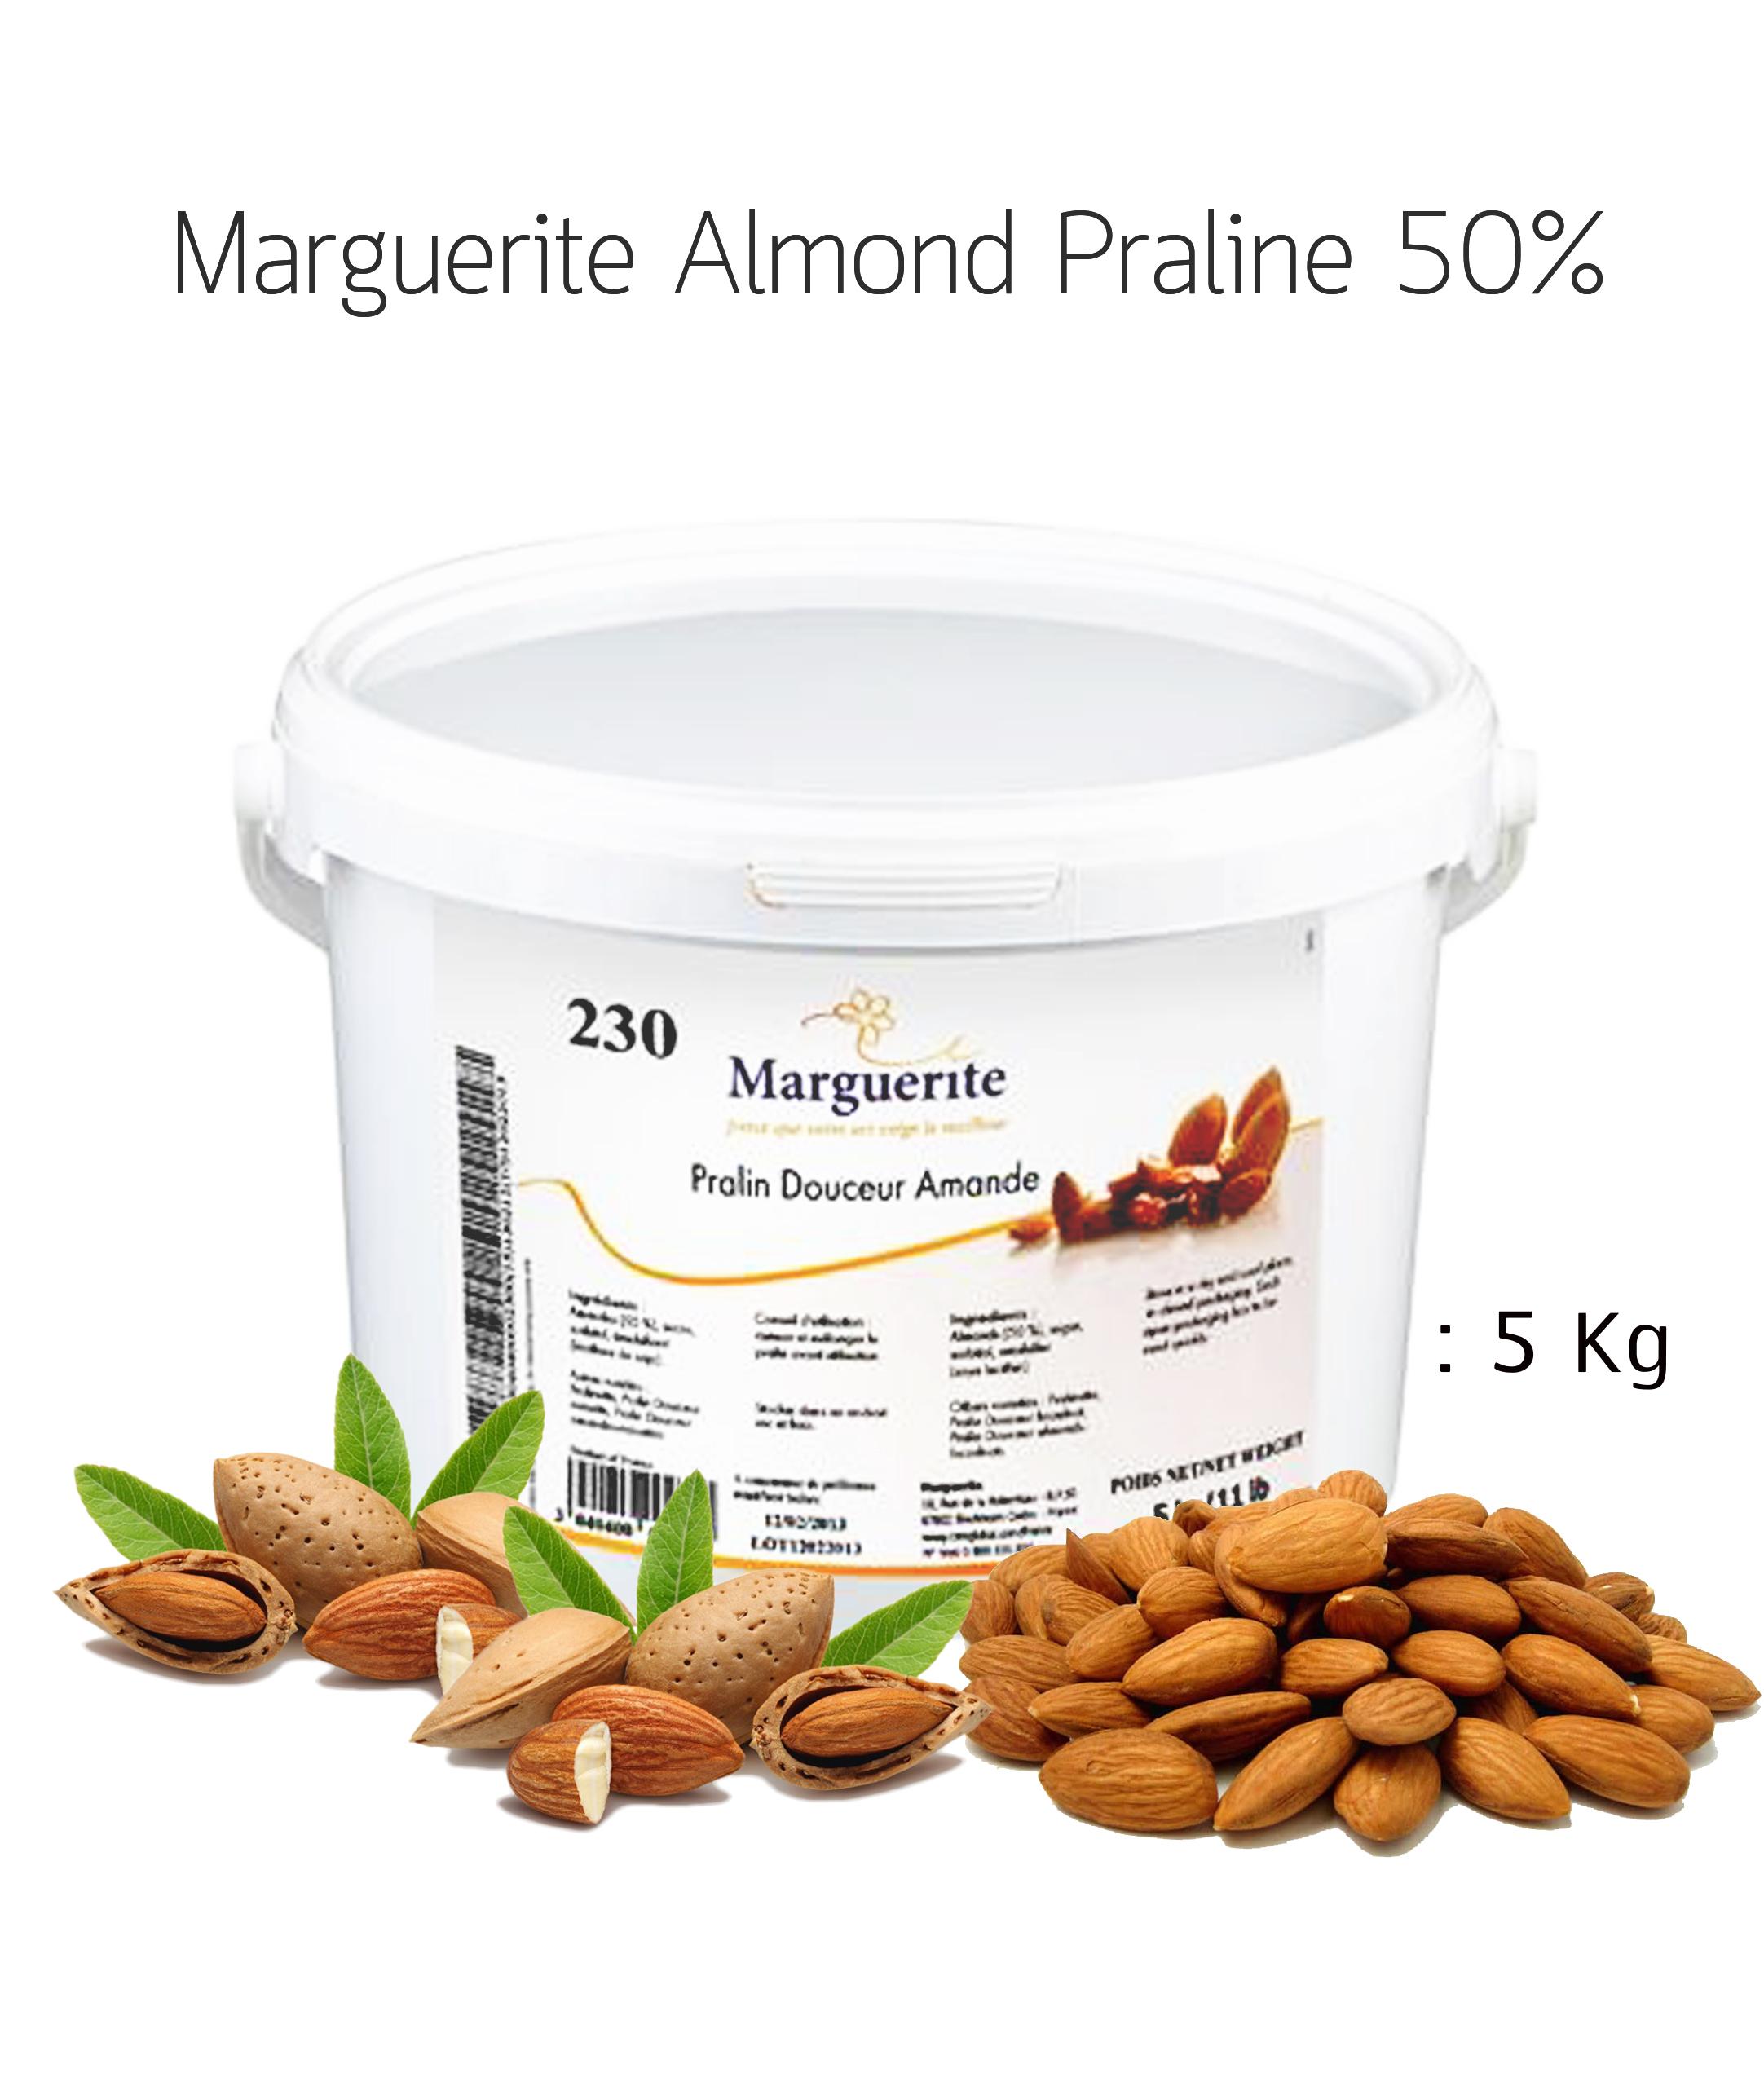 Marguerite Almond Praline 50% 5kg